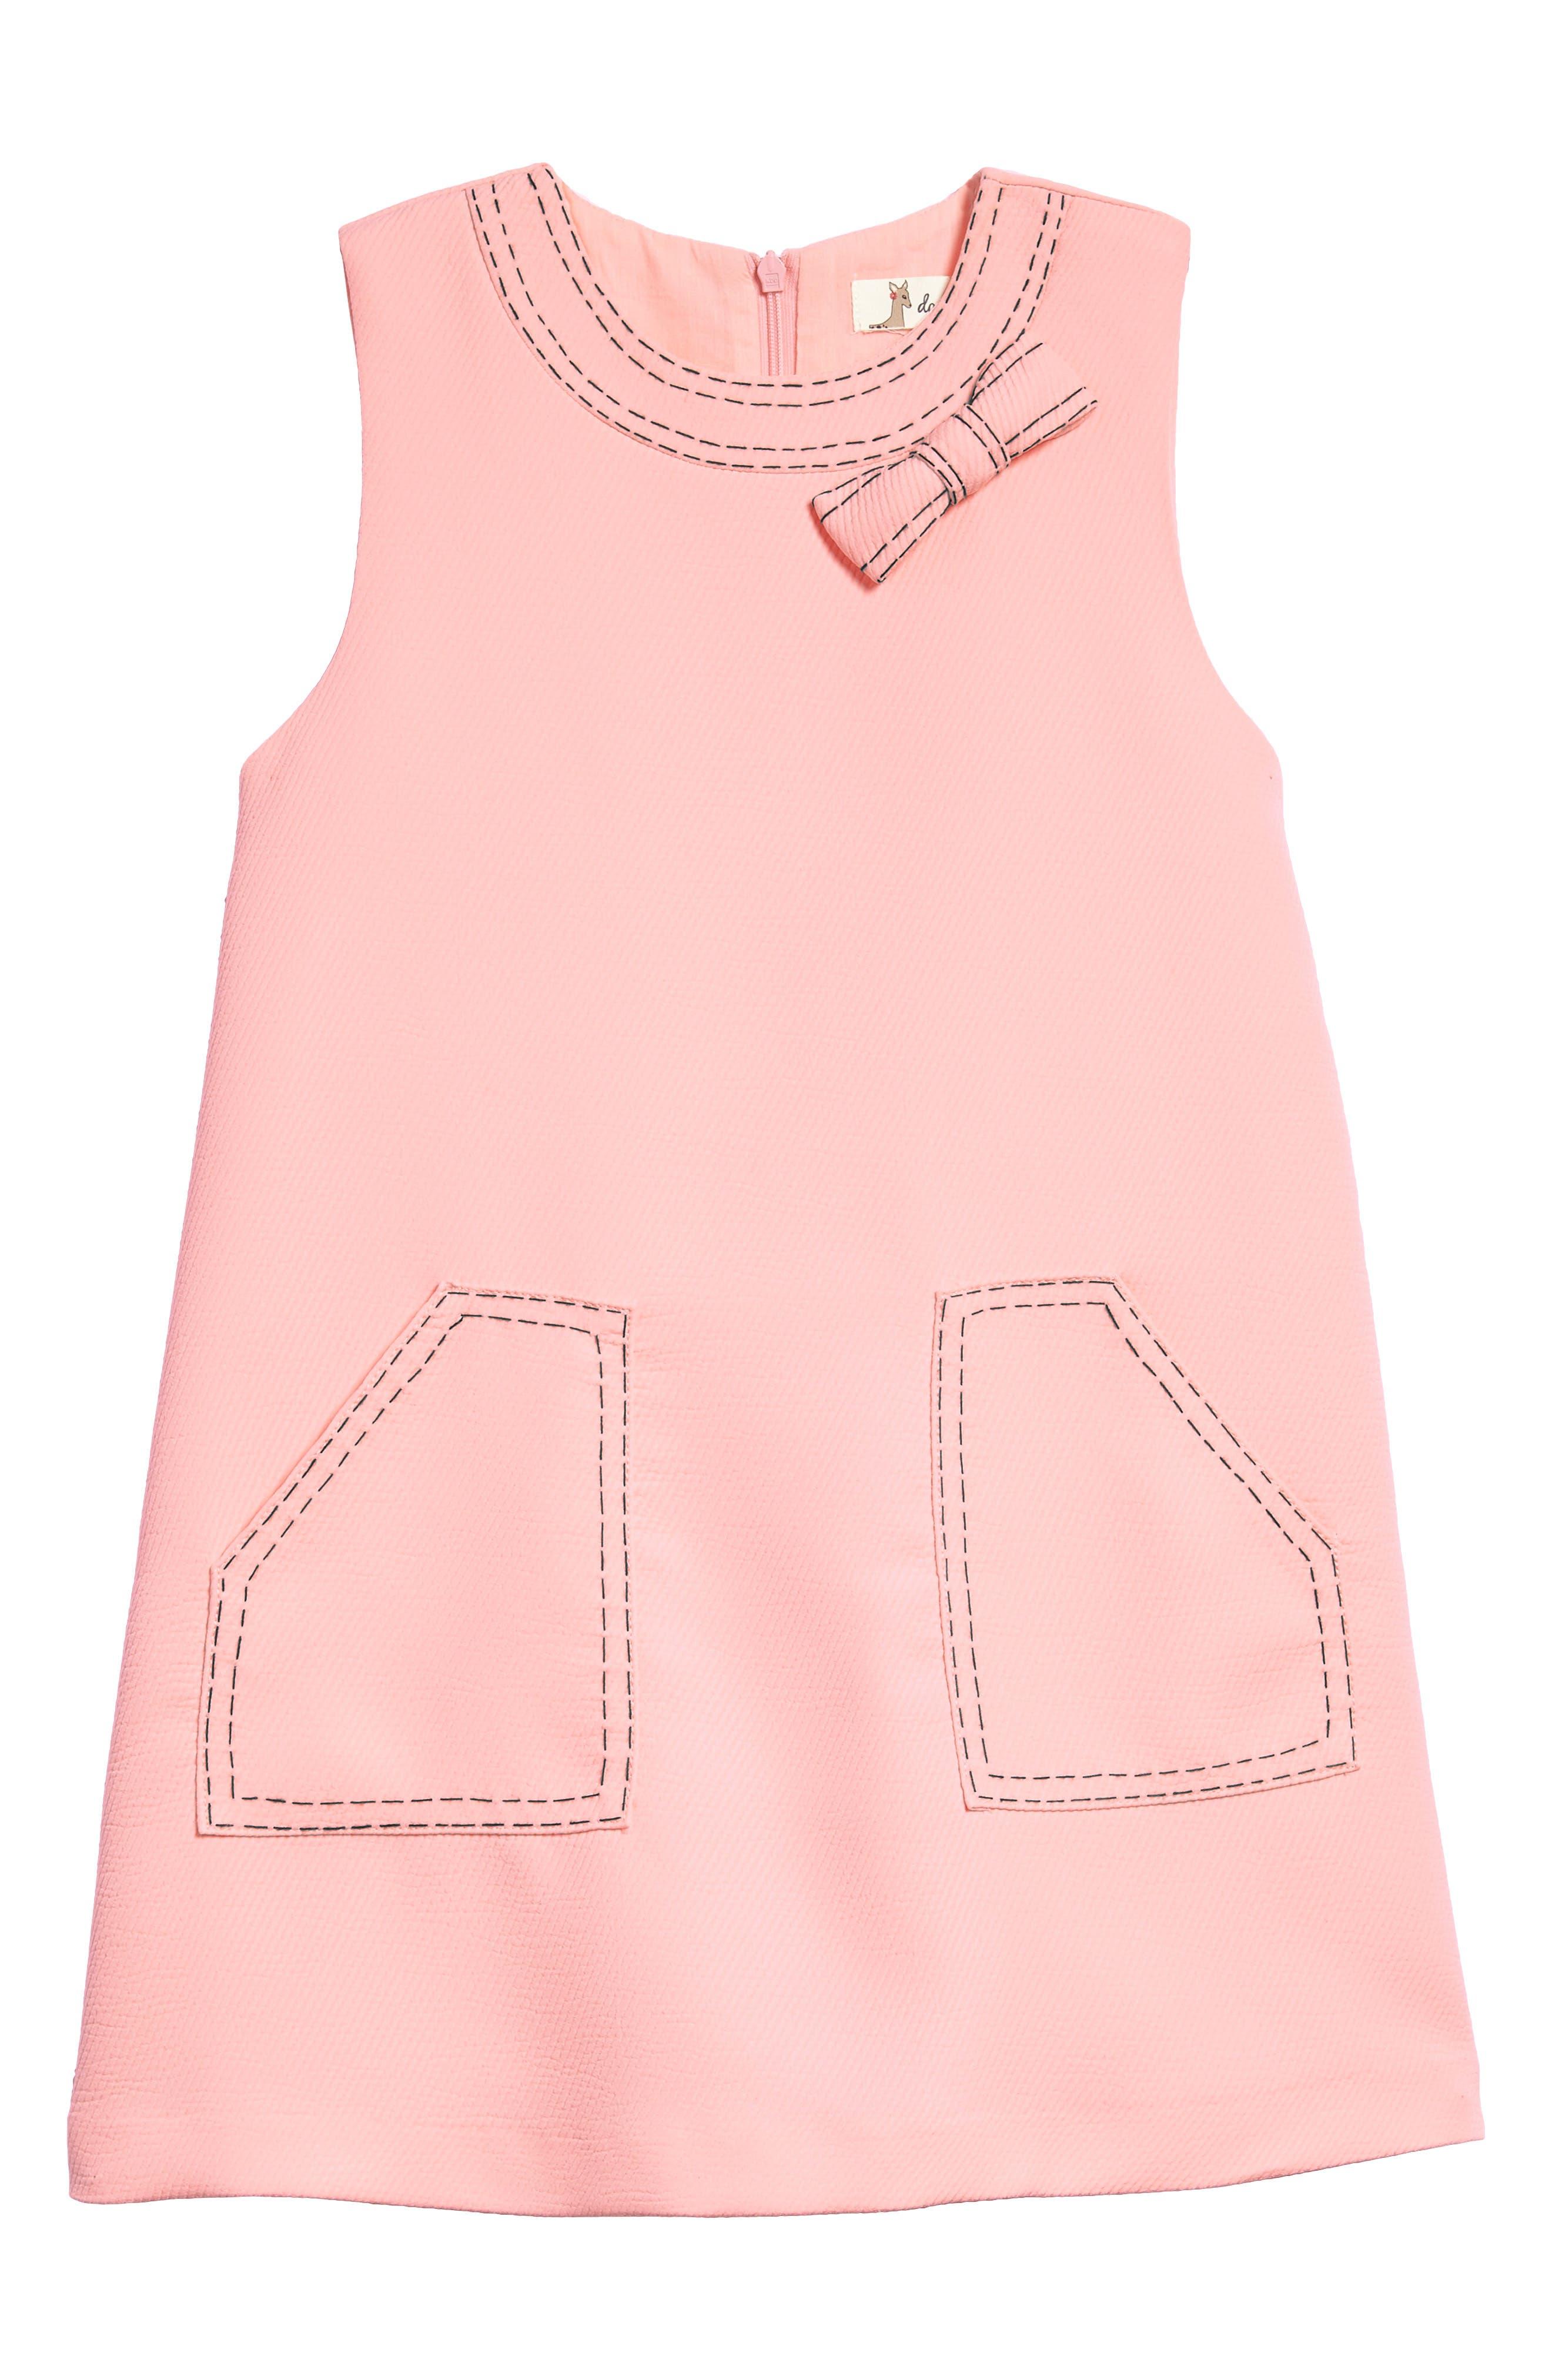 Alternate Image 1 Selected - Doe a Dear Mod Sleeveless Shift Dress (Toddler Girls, Little Girls & Big Girls)